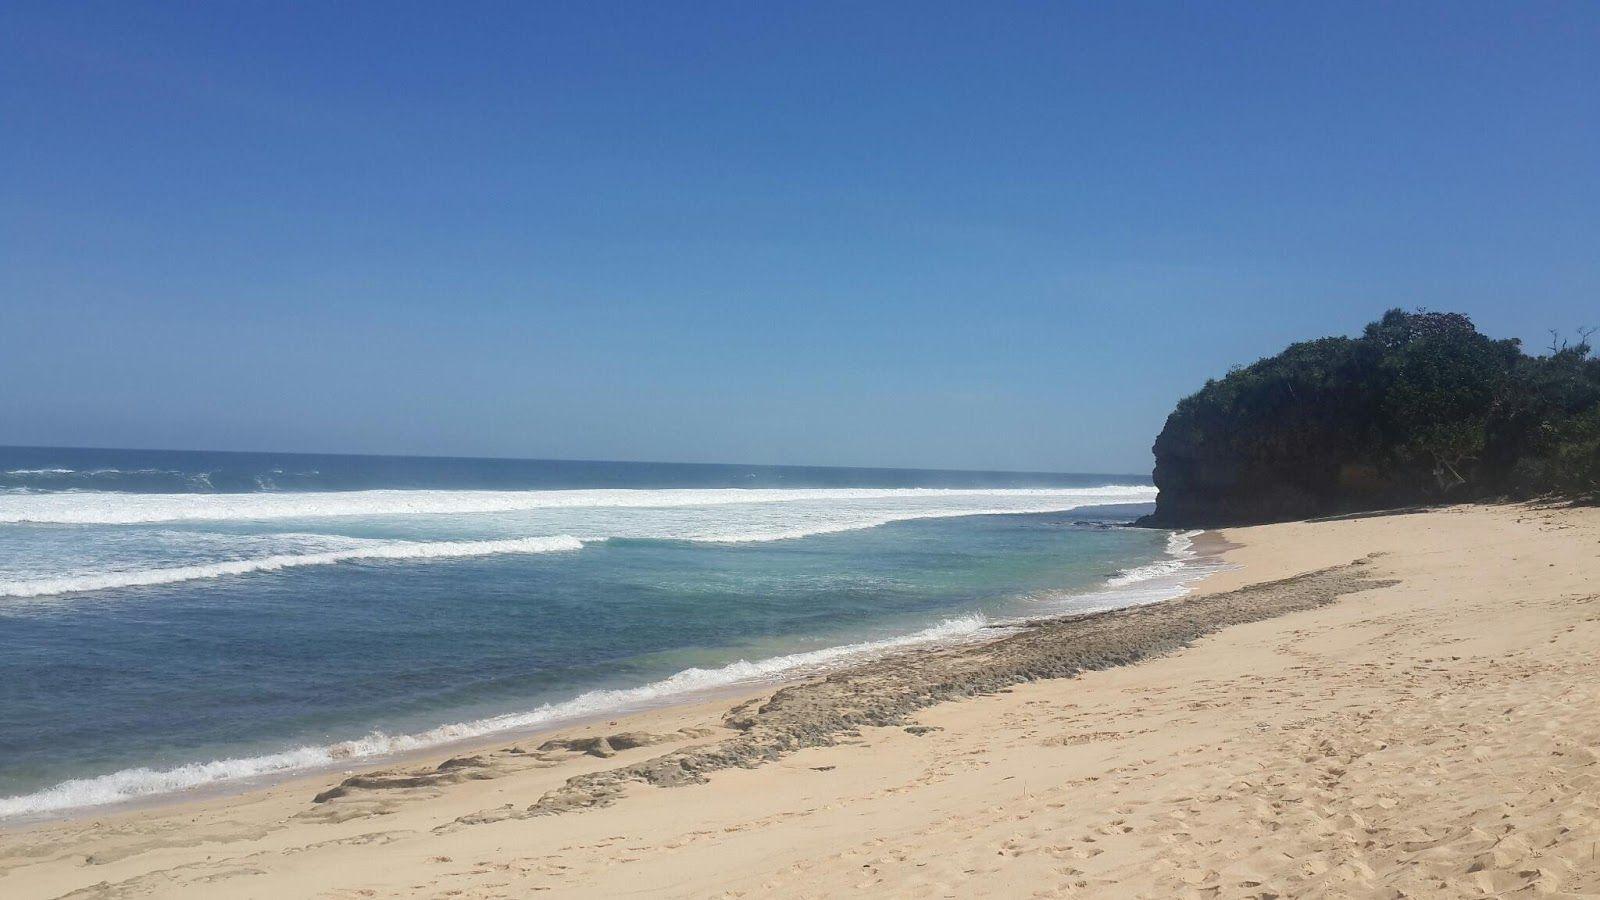 Pantai Ngudel Pantai Anti Mainstream Di Malang Jawa Timur Informasi Dan Foto Berbagai Tempat Wisata Di Indonesia Bepergian Pantai Tempat